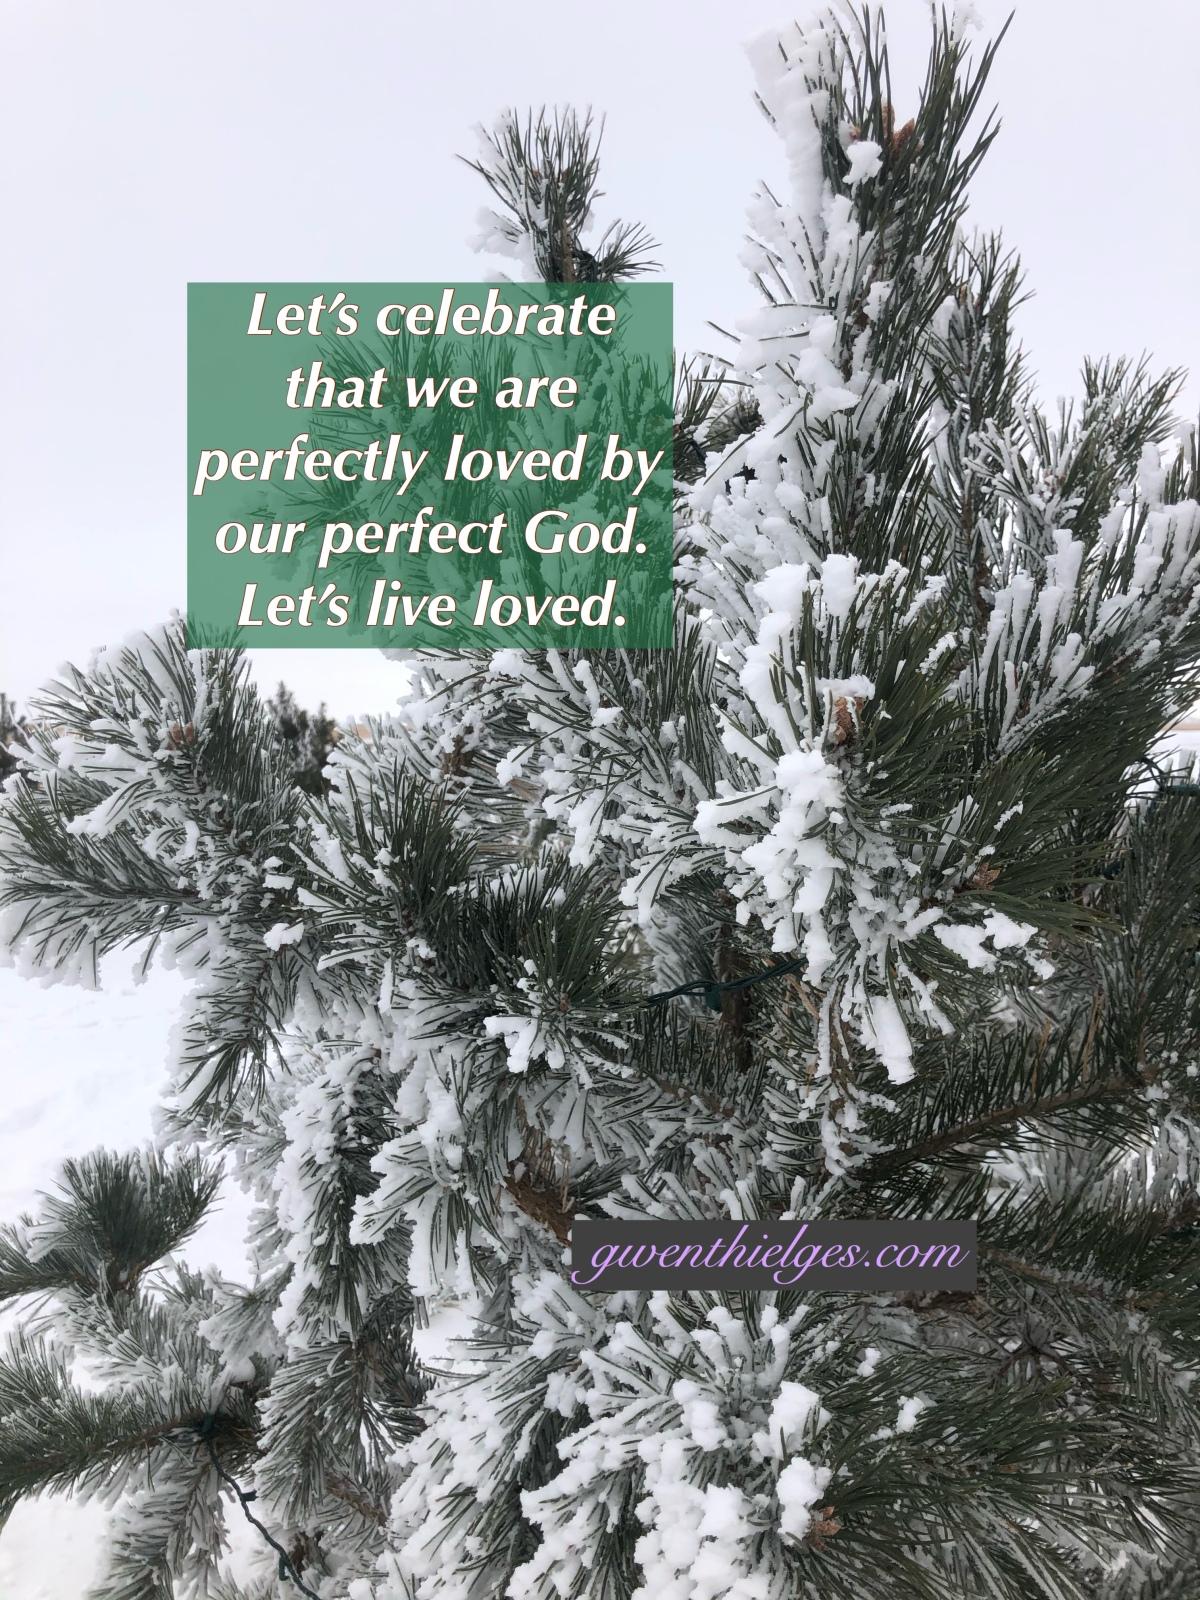 Let's Live Loved